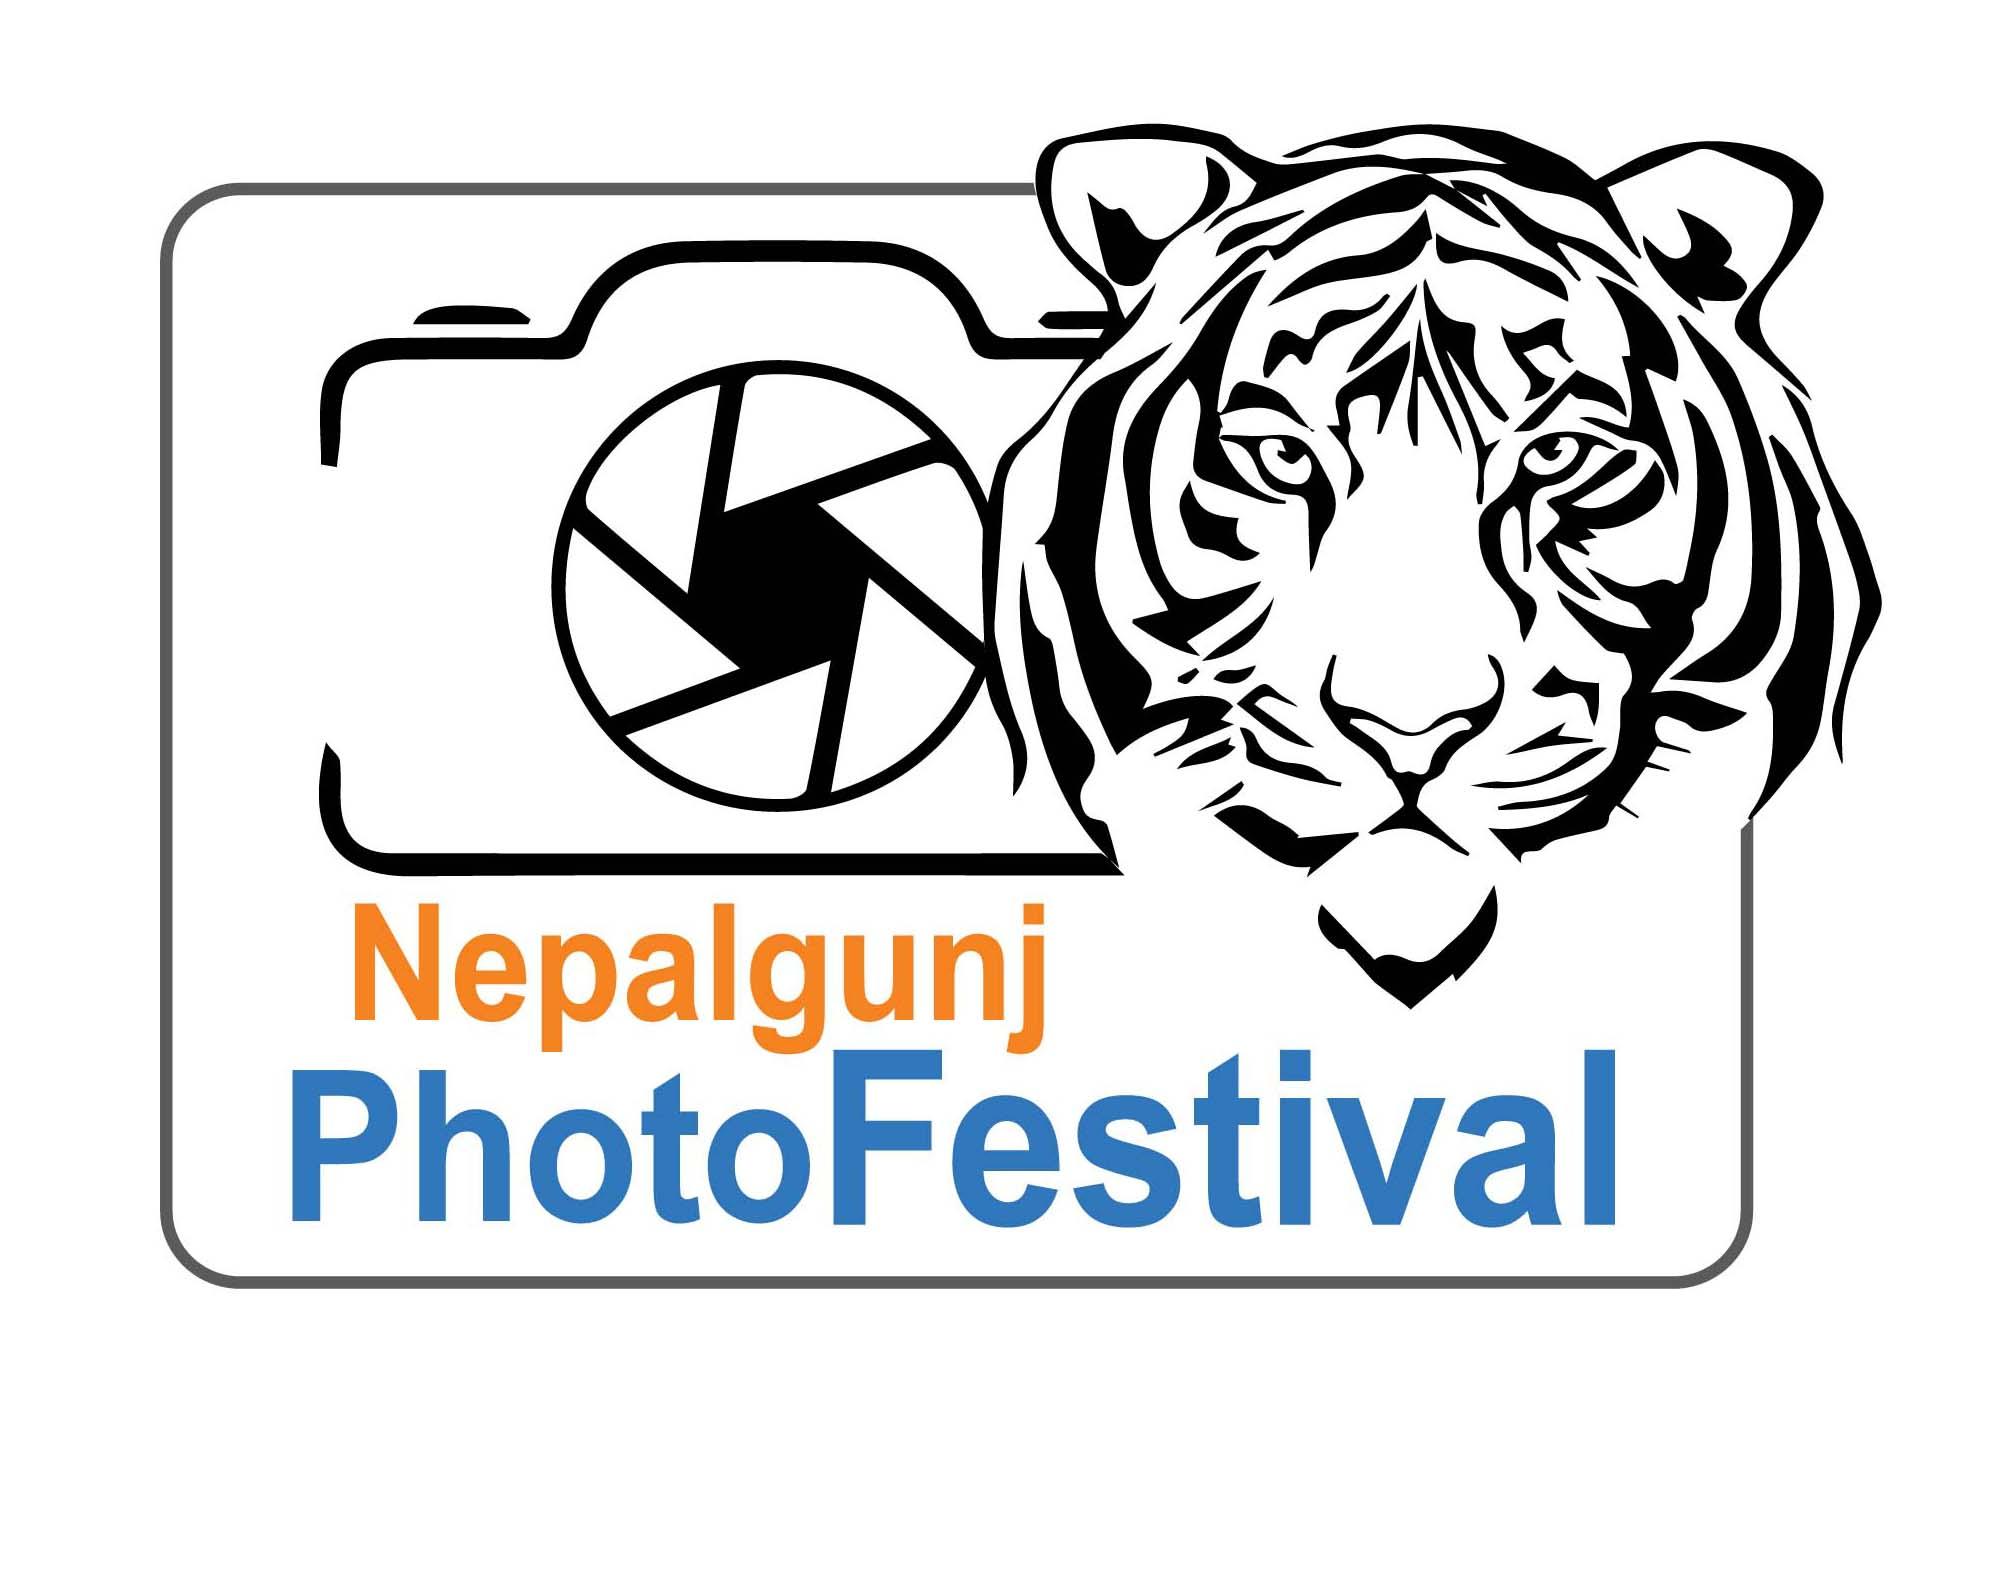 नेपालगन्ज फोटो फेस्टिवल फागुन ७ र ८ गते